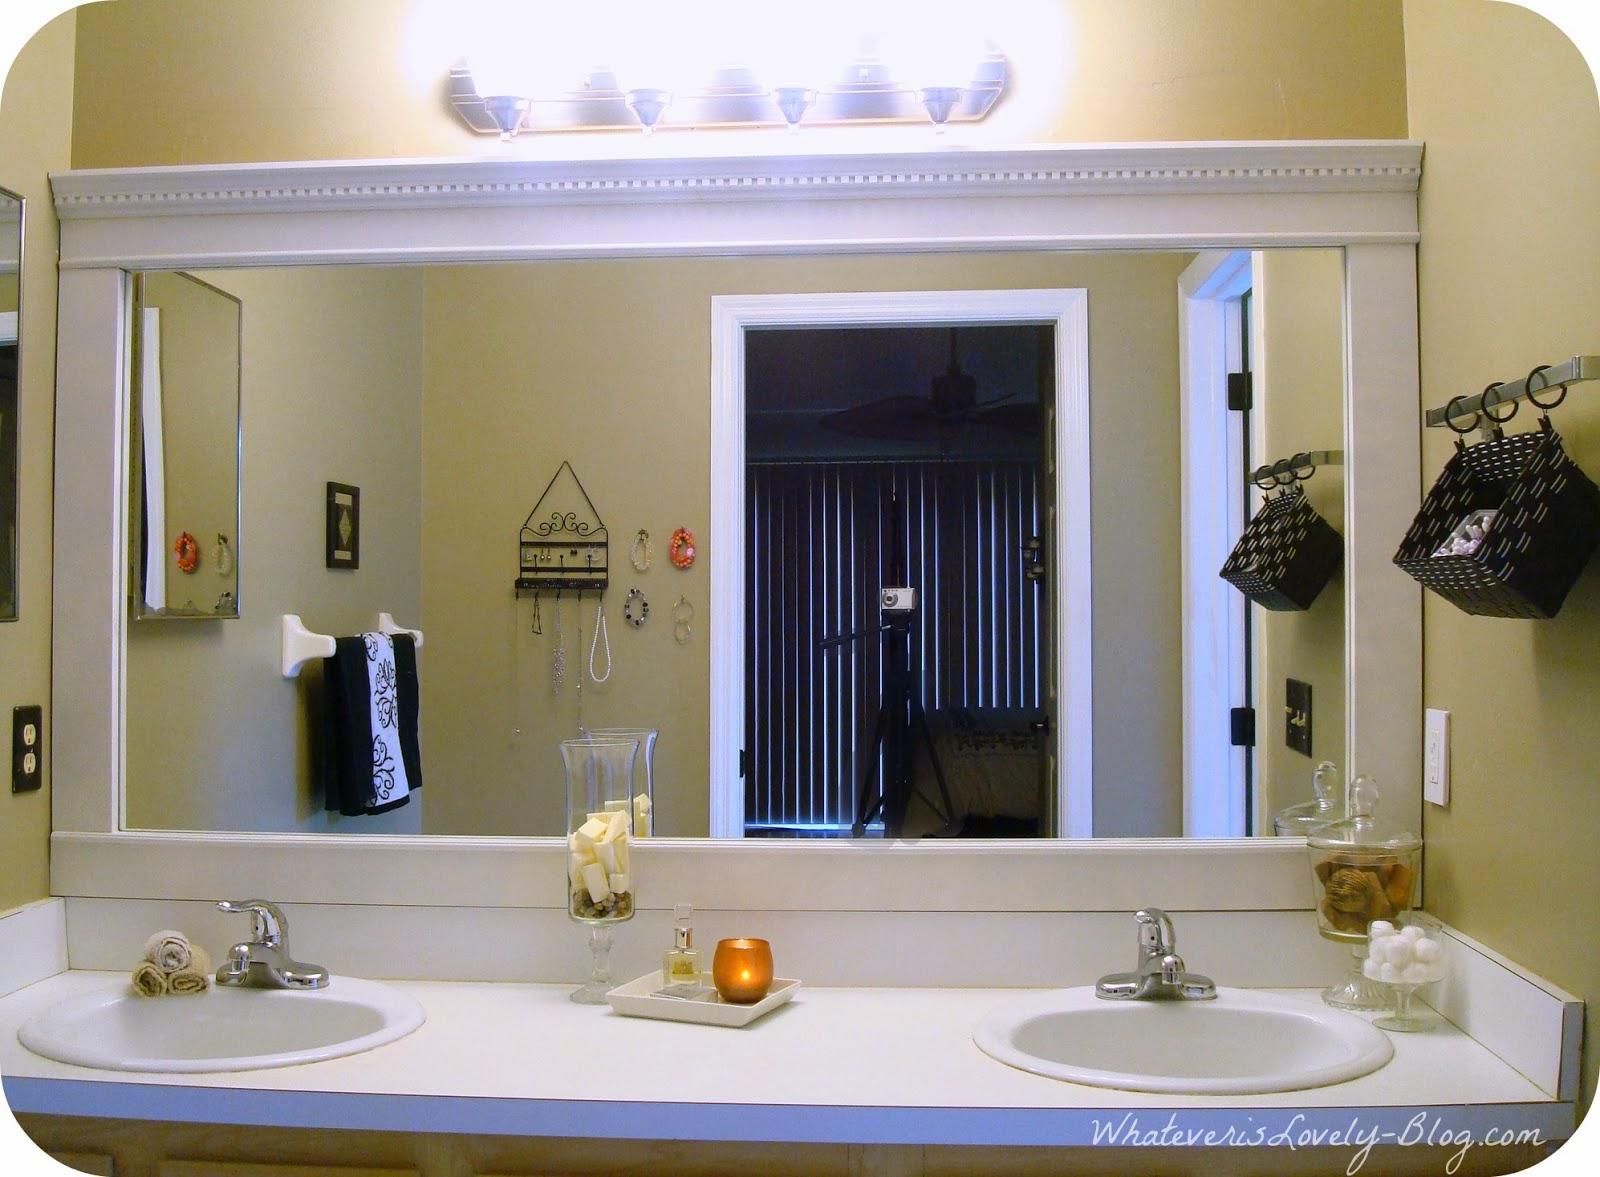 Manfaat Cermin Kamar Mandi Untuk Desain Minimalis | Gambar Rumah